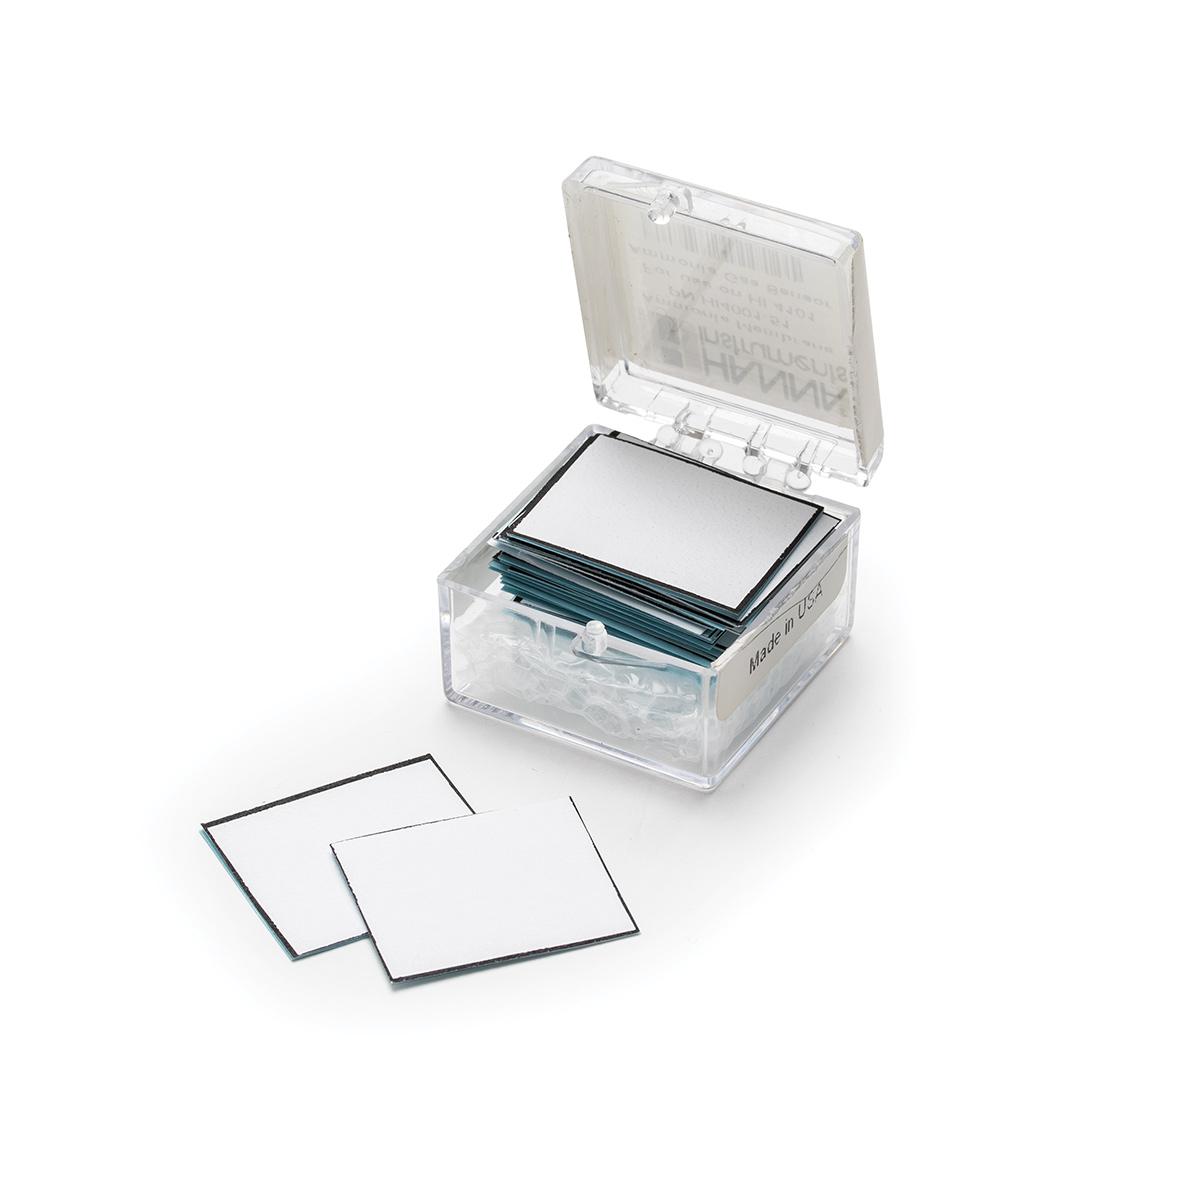 HI4001-51 Ammonia Membrane Kit (20 pcs.)